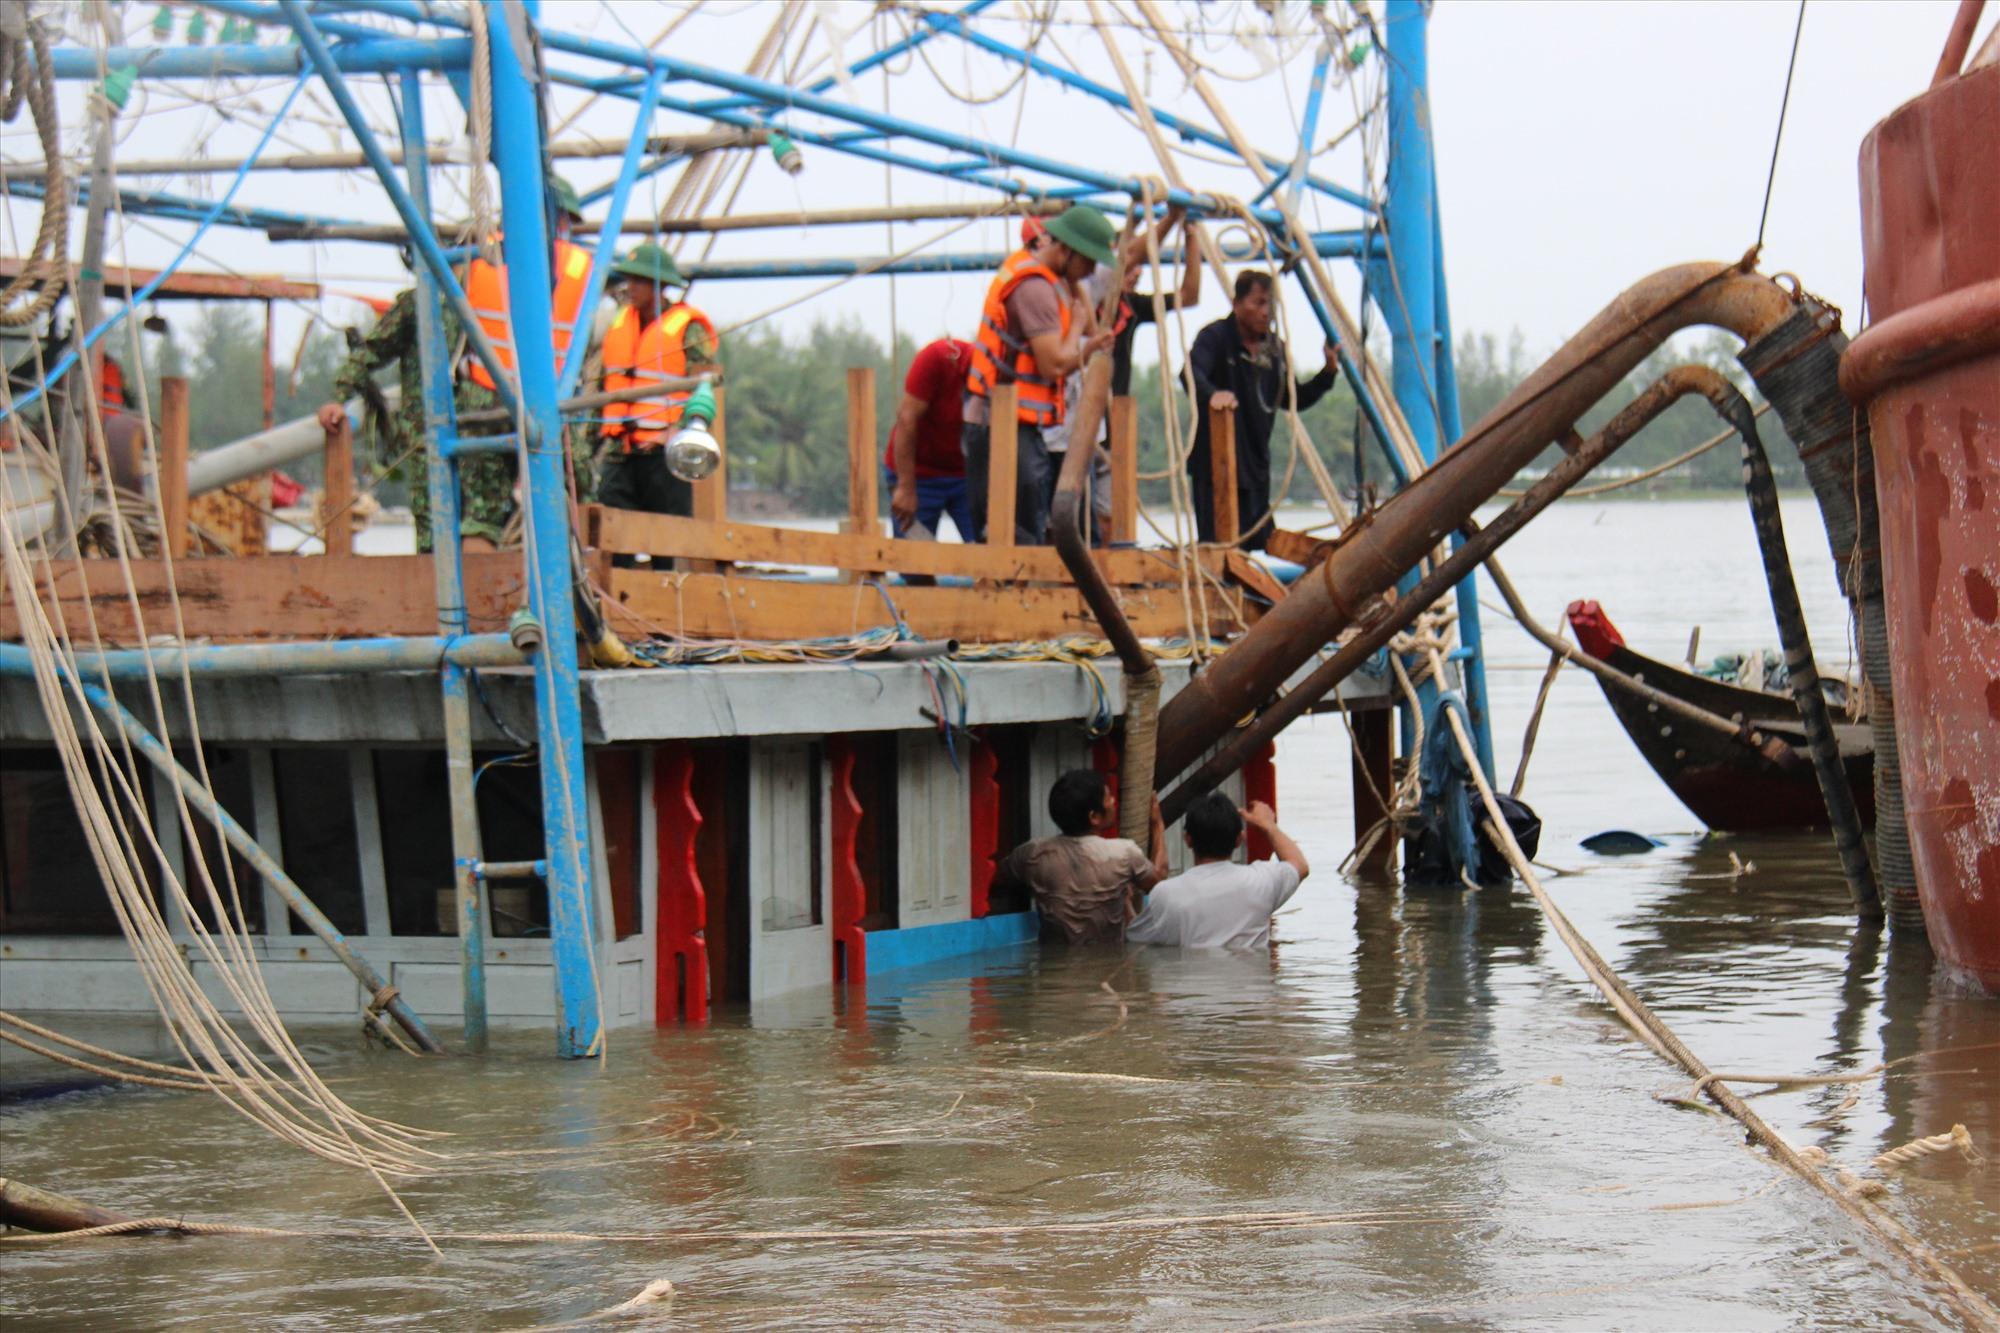 Hút bùn đất trong khoang tàu để tìm kiếm hai người mất tích. Ảnh: HOÀI AN